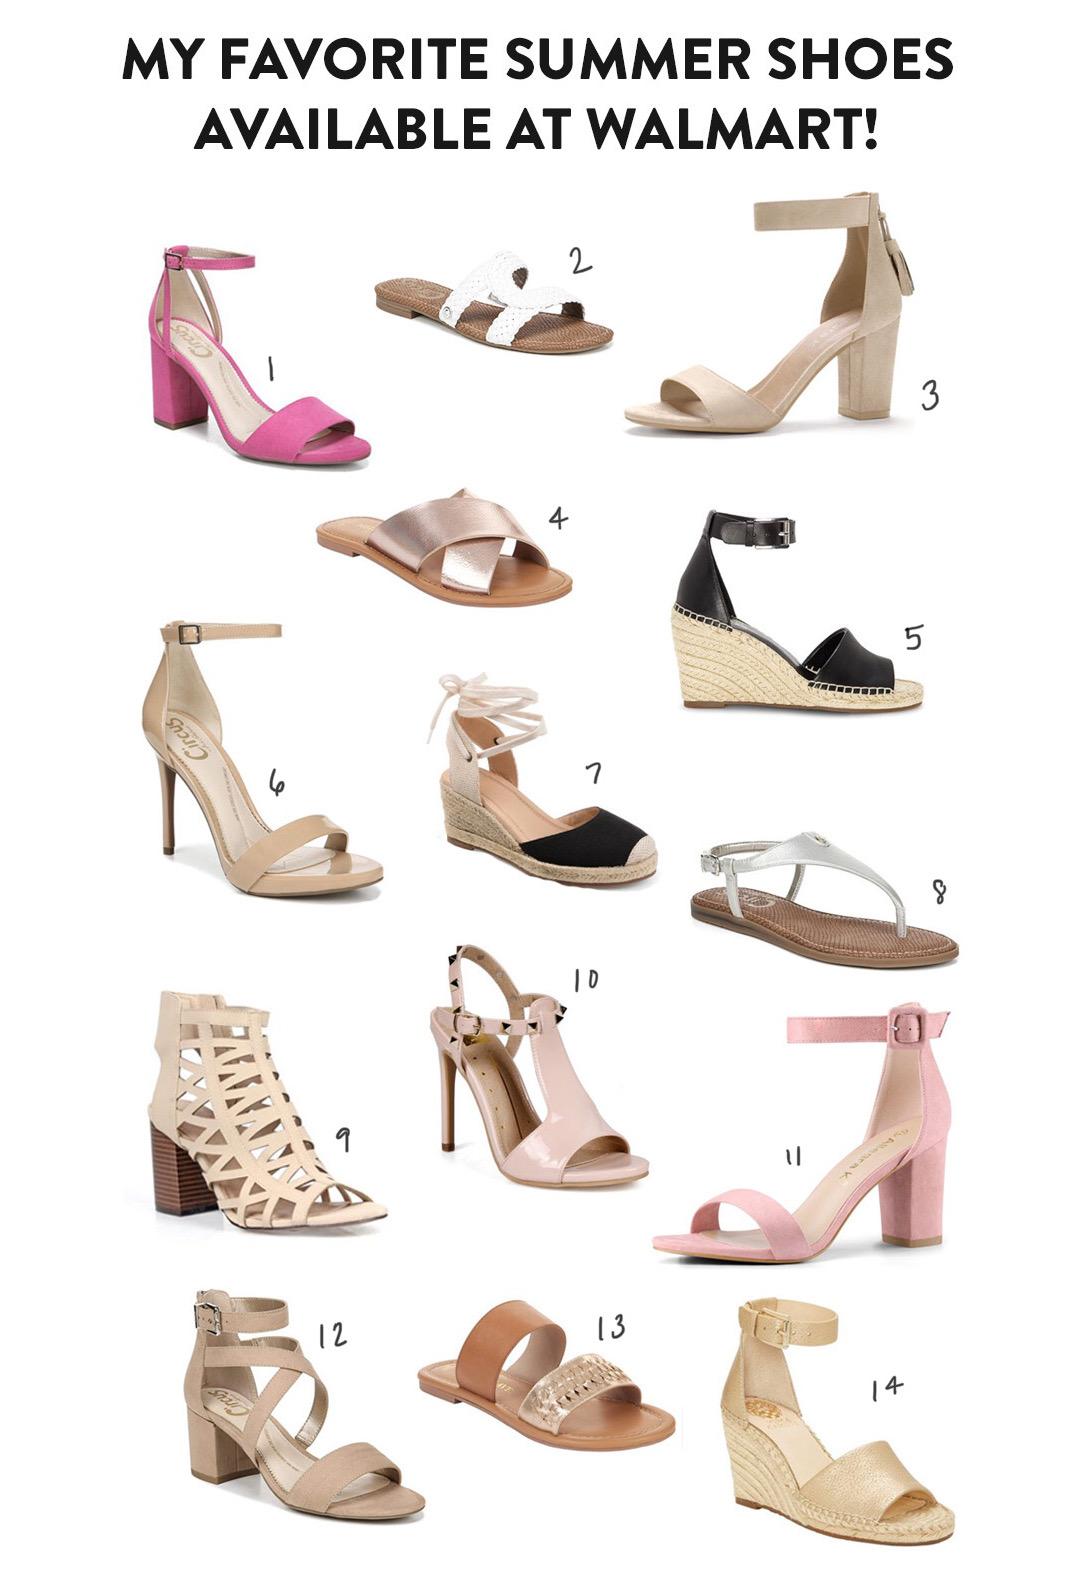 Walmart Fashion Favorite Sandals for Summer